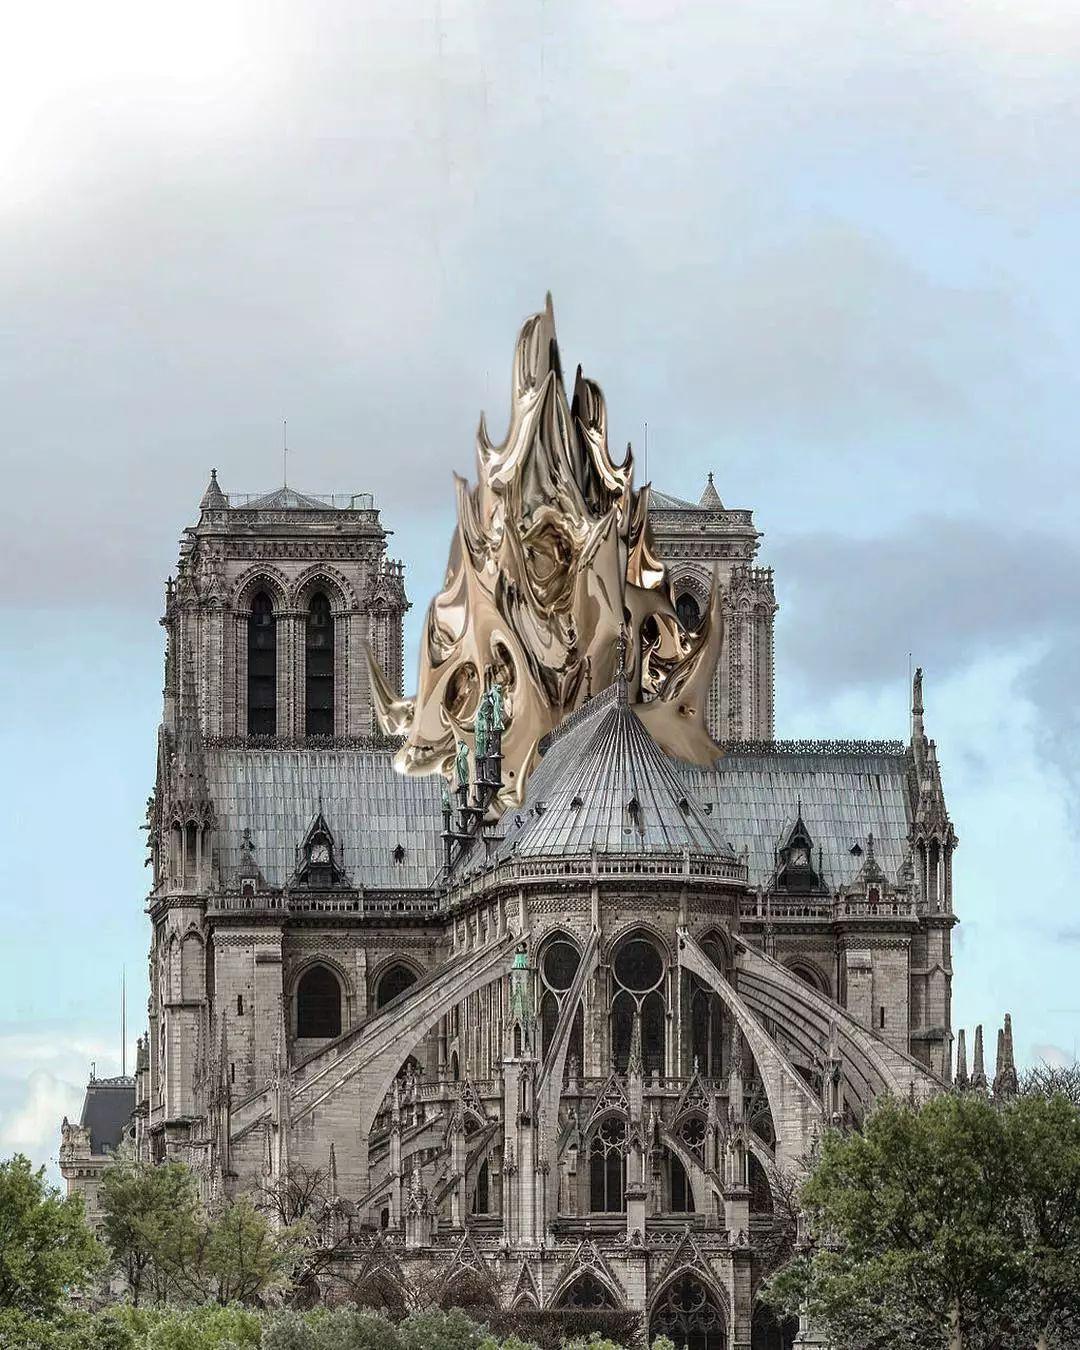 巴黎圣母院重建,世界知名设计师纷纷献计,网友看完后:捐的款,能要回来吗?